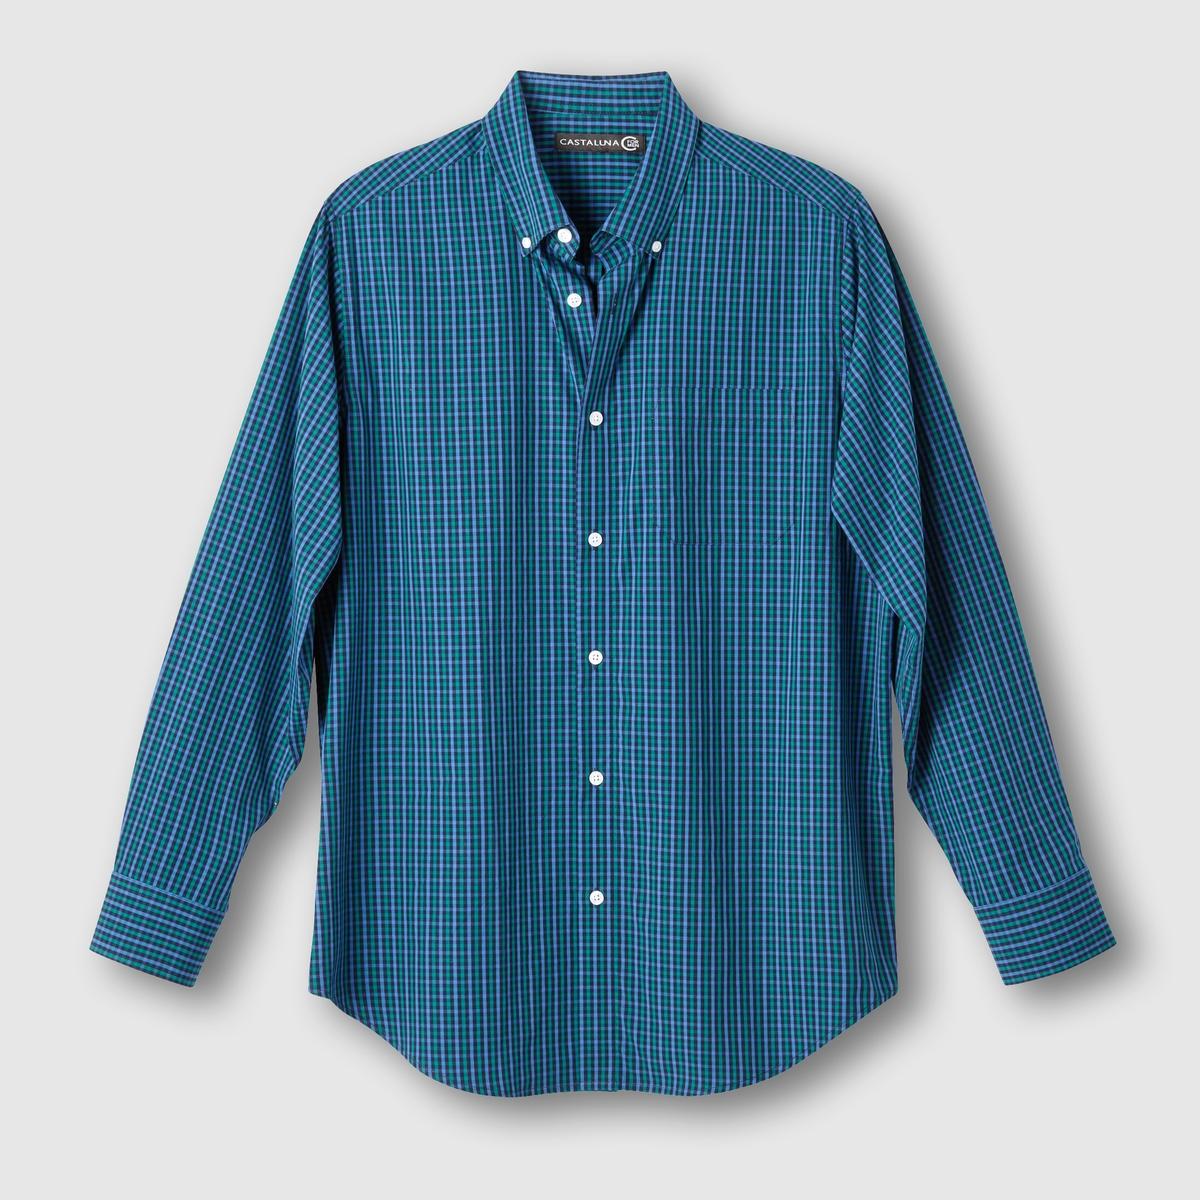 Рубашка в клетку<br><br>Цвет: синий/ зеленый<br>Размер: 55/56